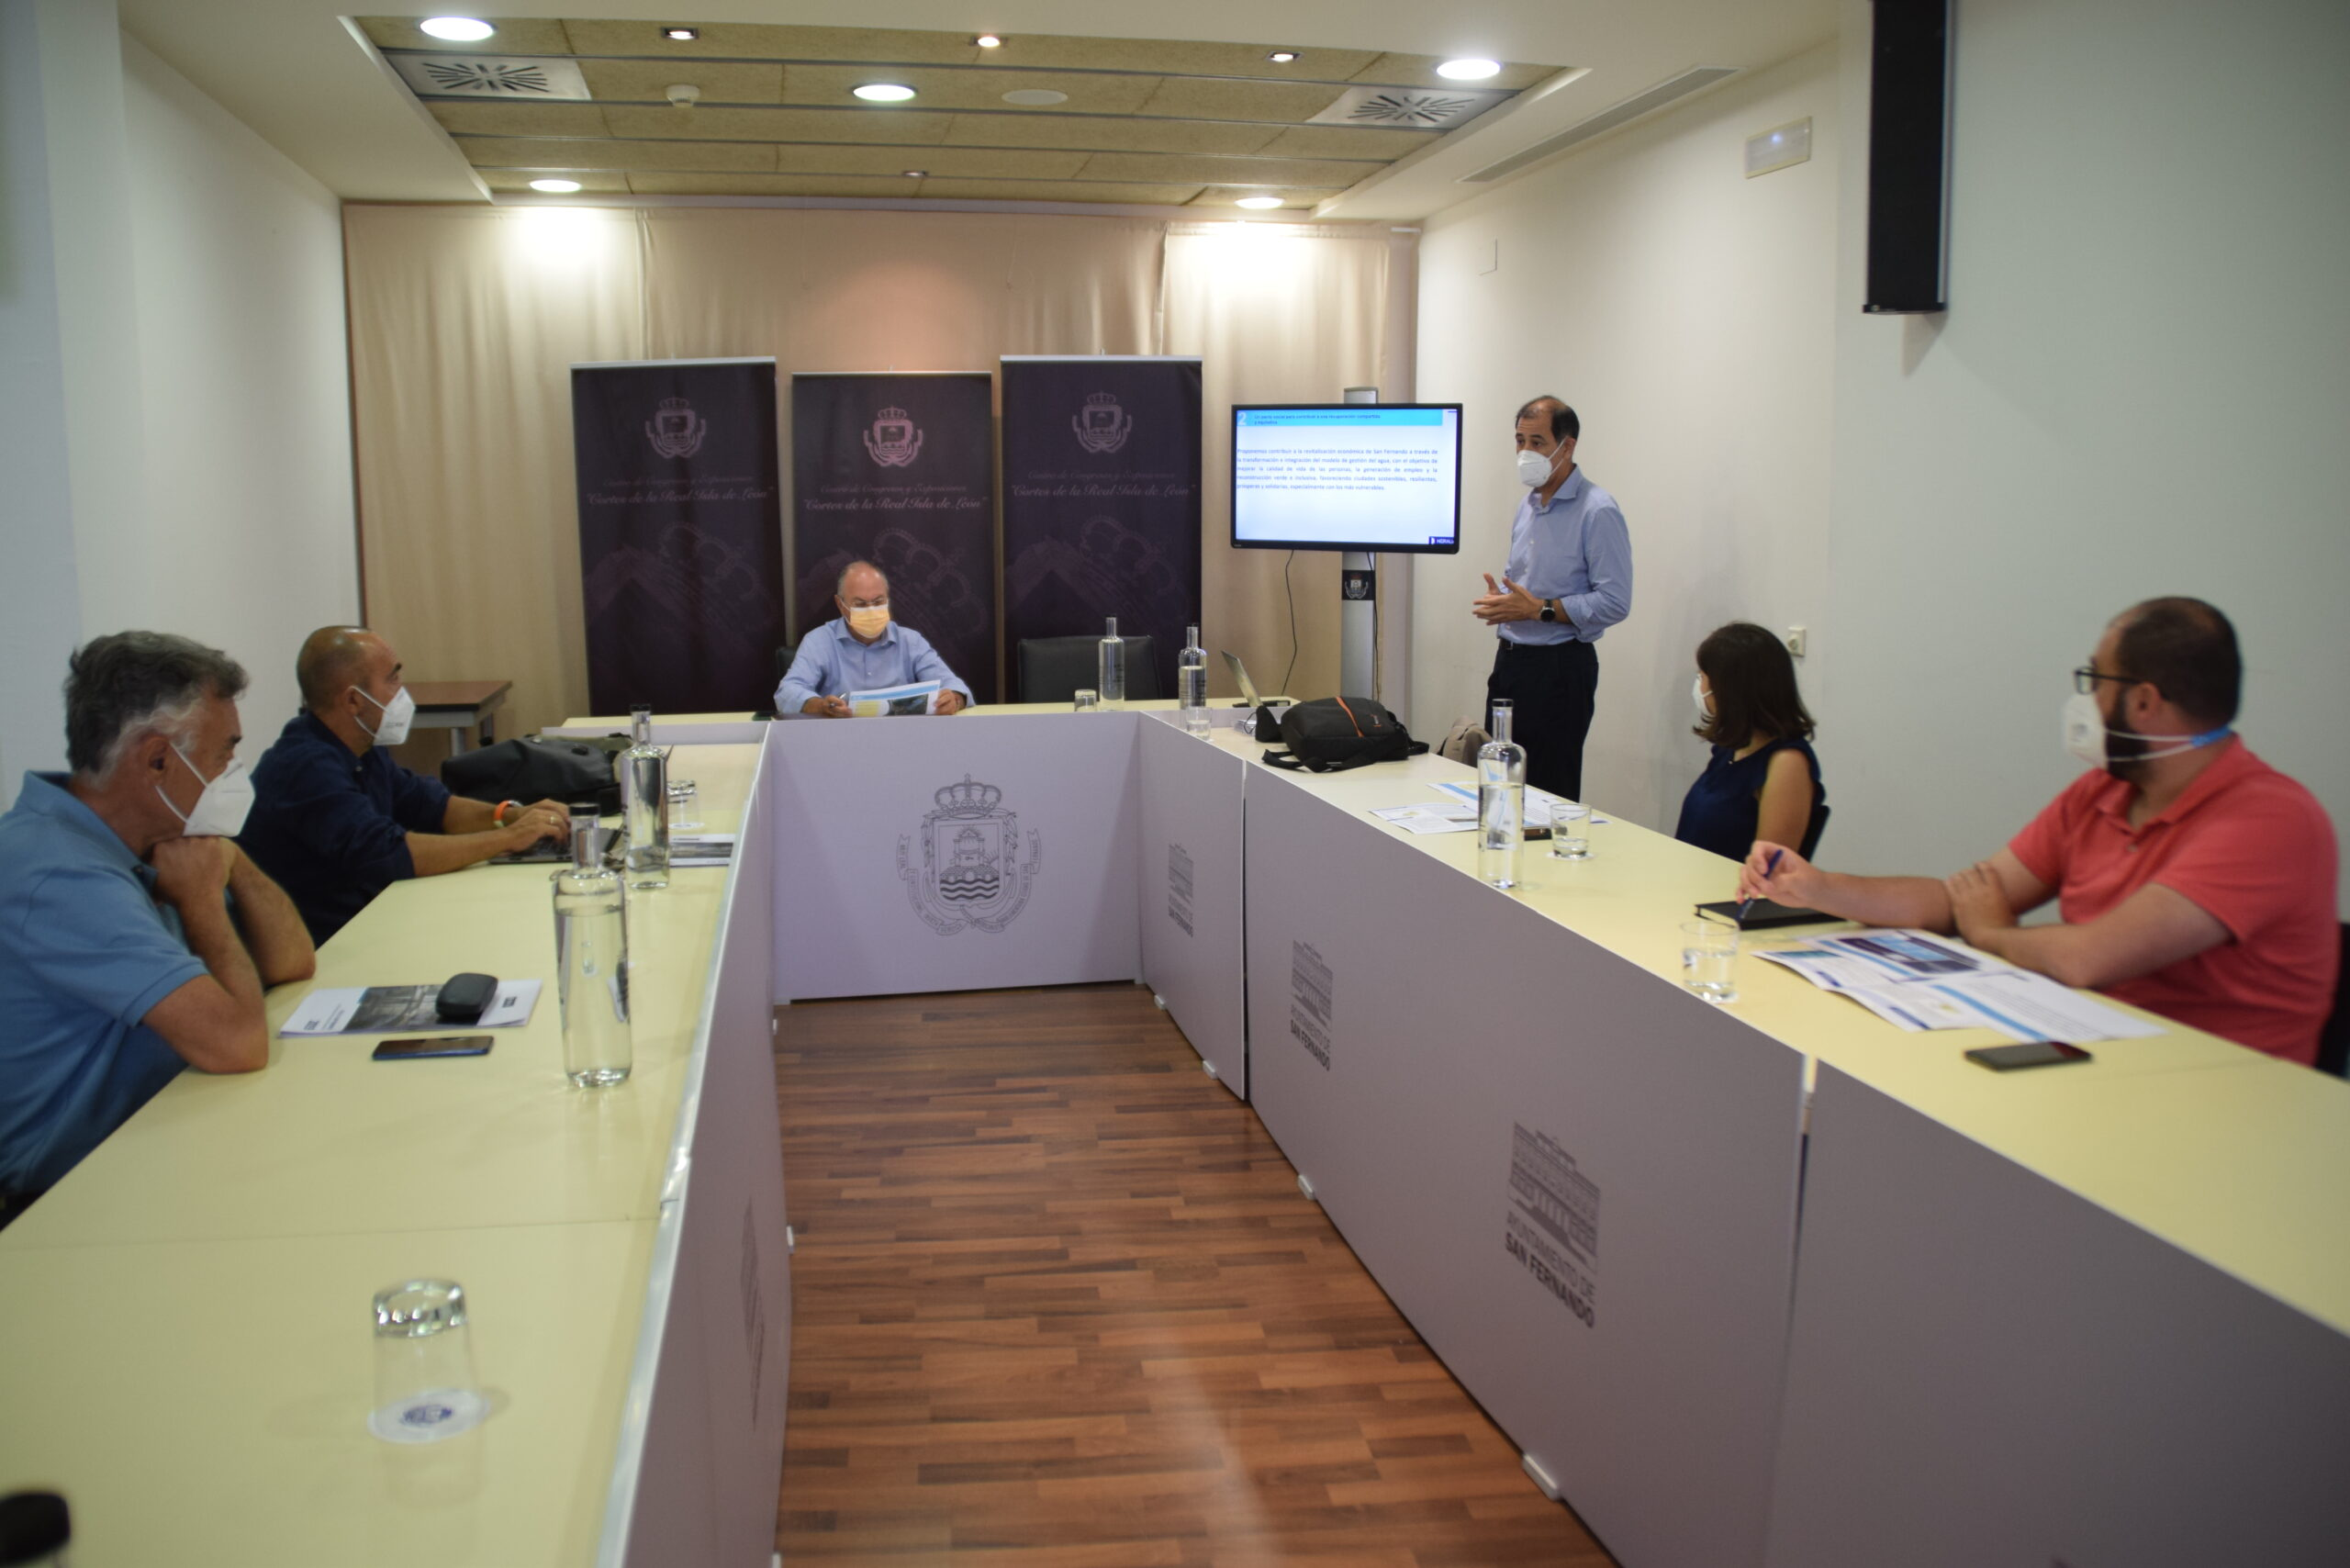 Continúan las reuniones para avanzar en el Pacto por la Solidaridad, el Empleo y la Reconstrucción Verde e Inclusiva